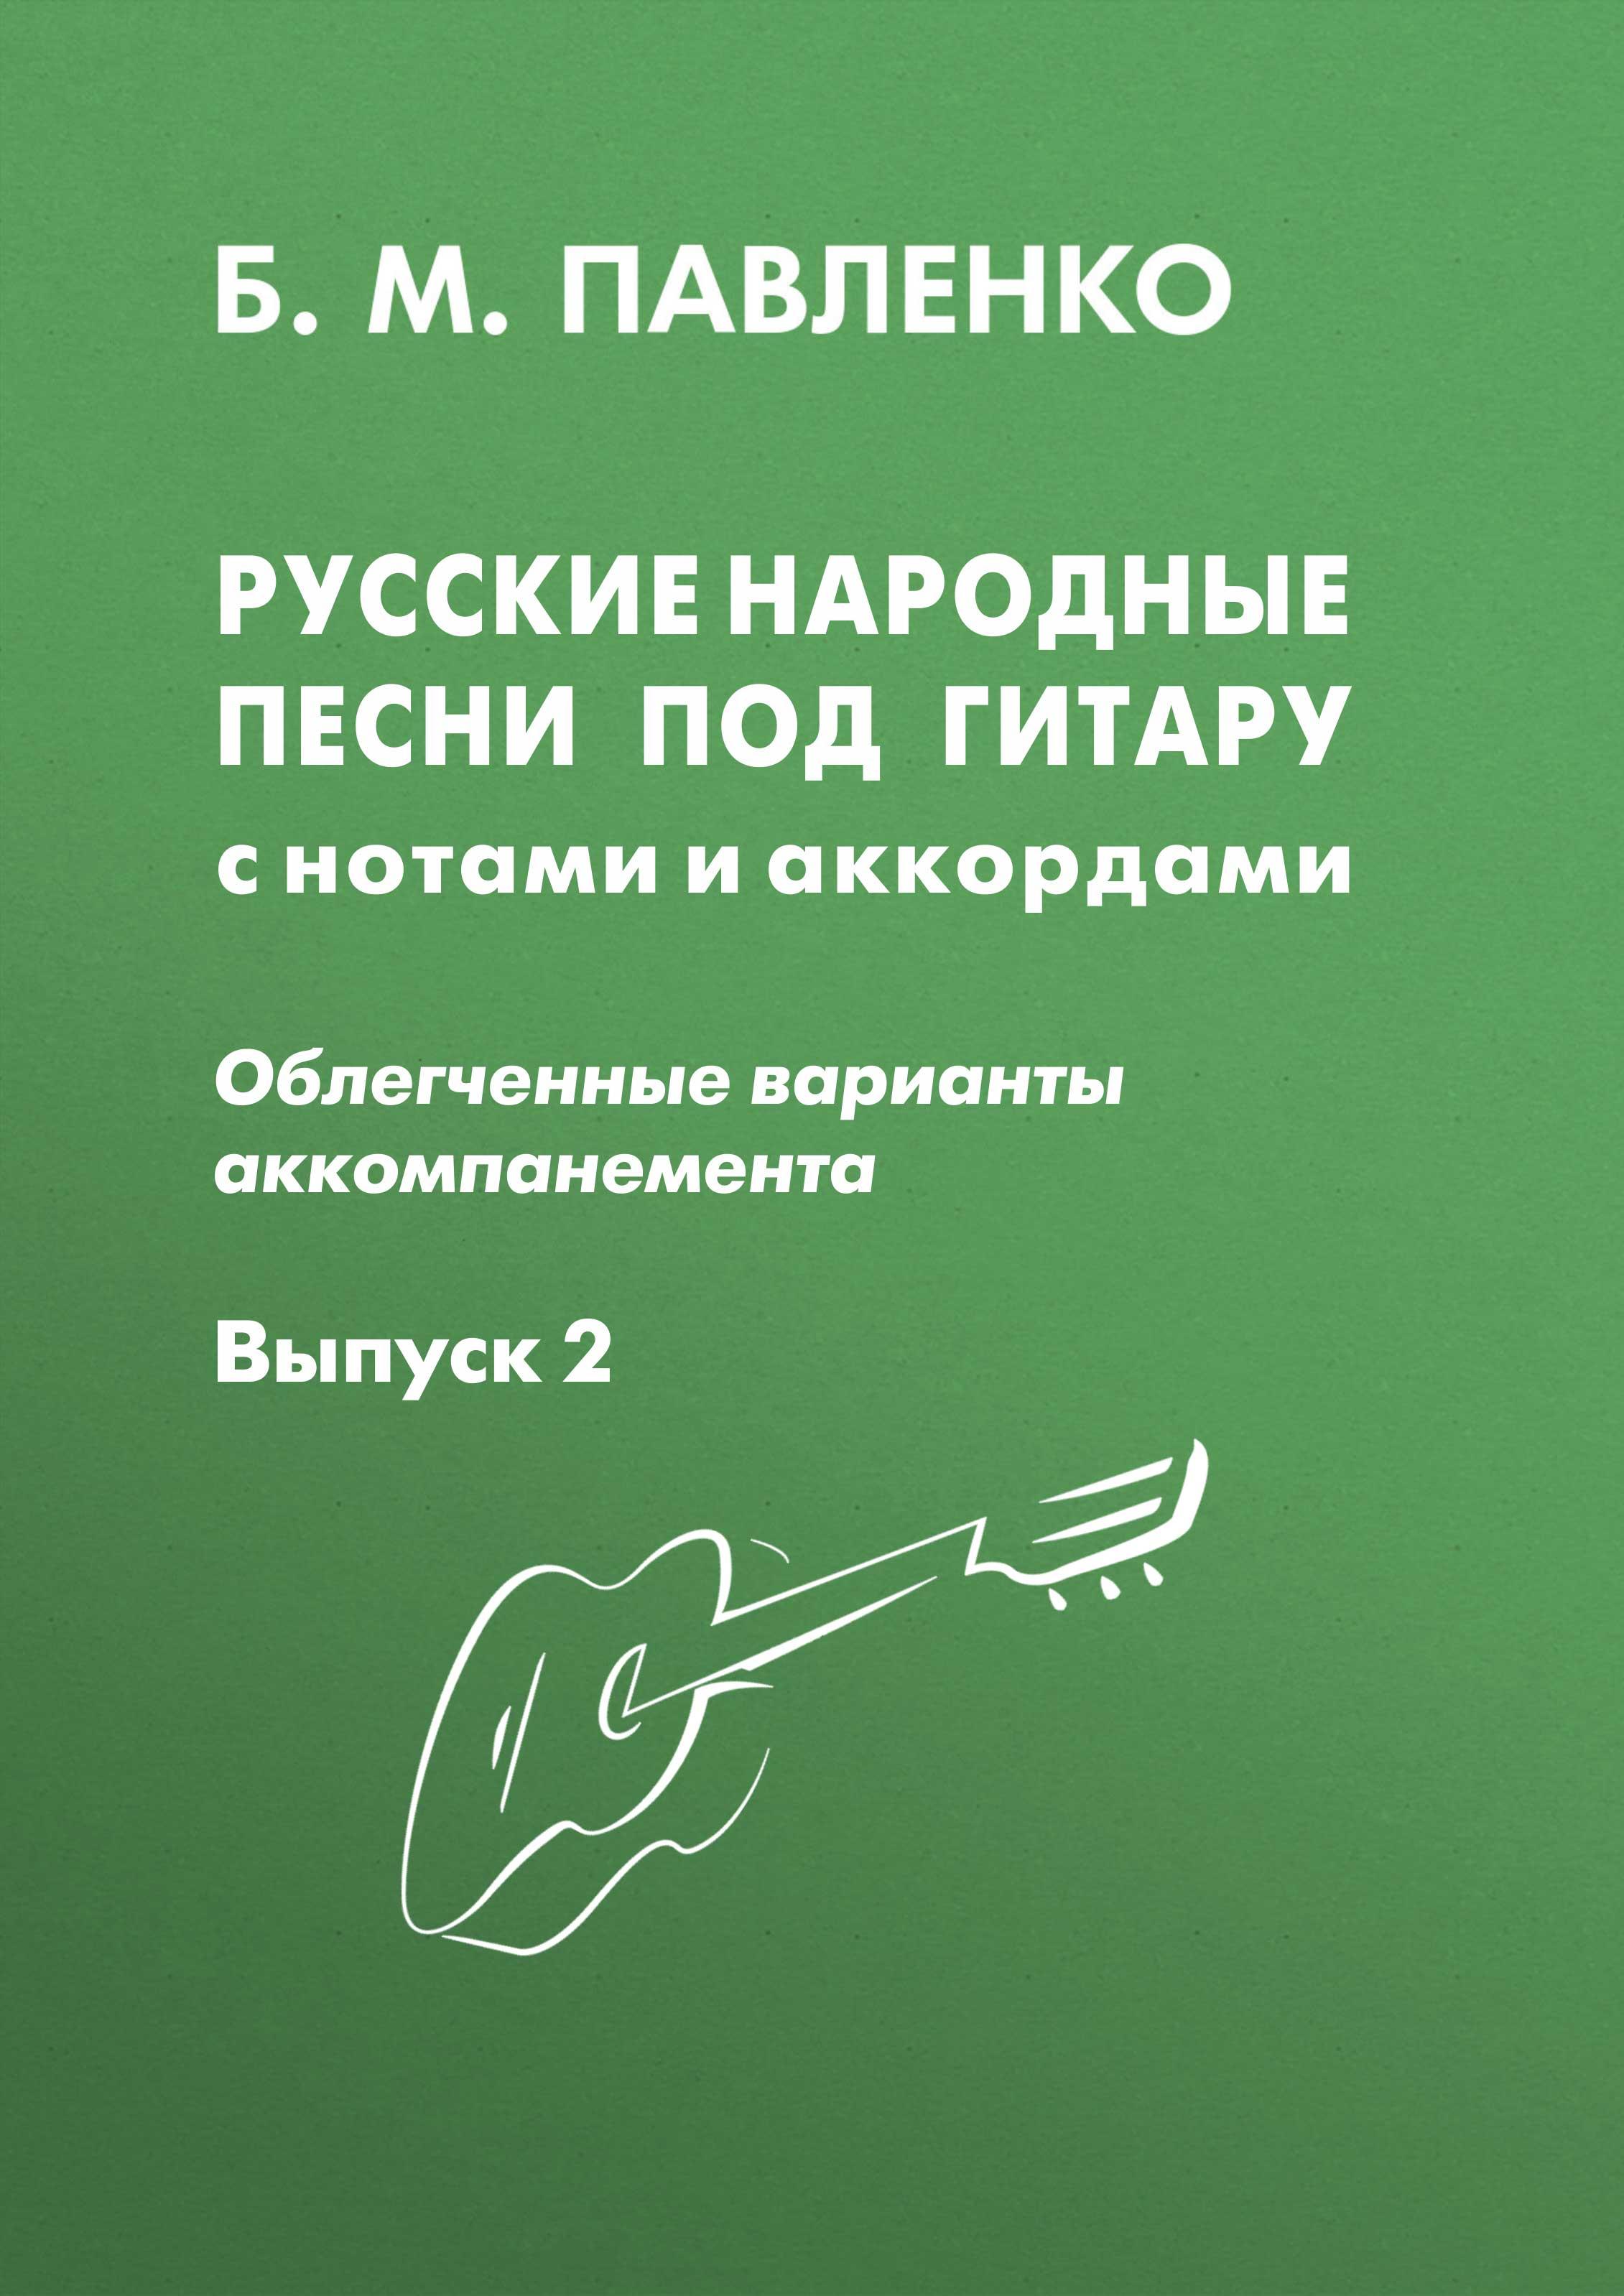 Б. М. Павленко Русские народные песни под гитару с нотами и аккордами (облегченные варианты аккомпанемента). Выпуск 2 б м павленко русские народные песни под гитару с нотами и аккордами облегченные варианты аккомпанемента выпуск 2